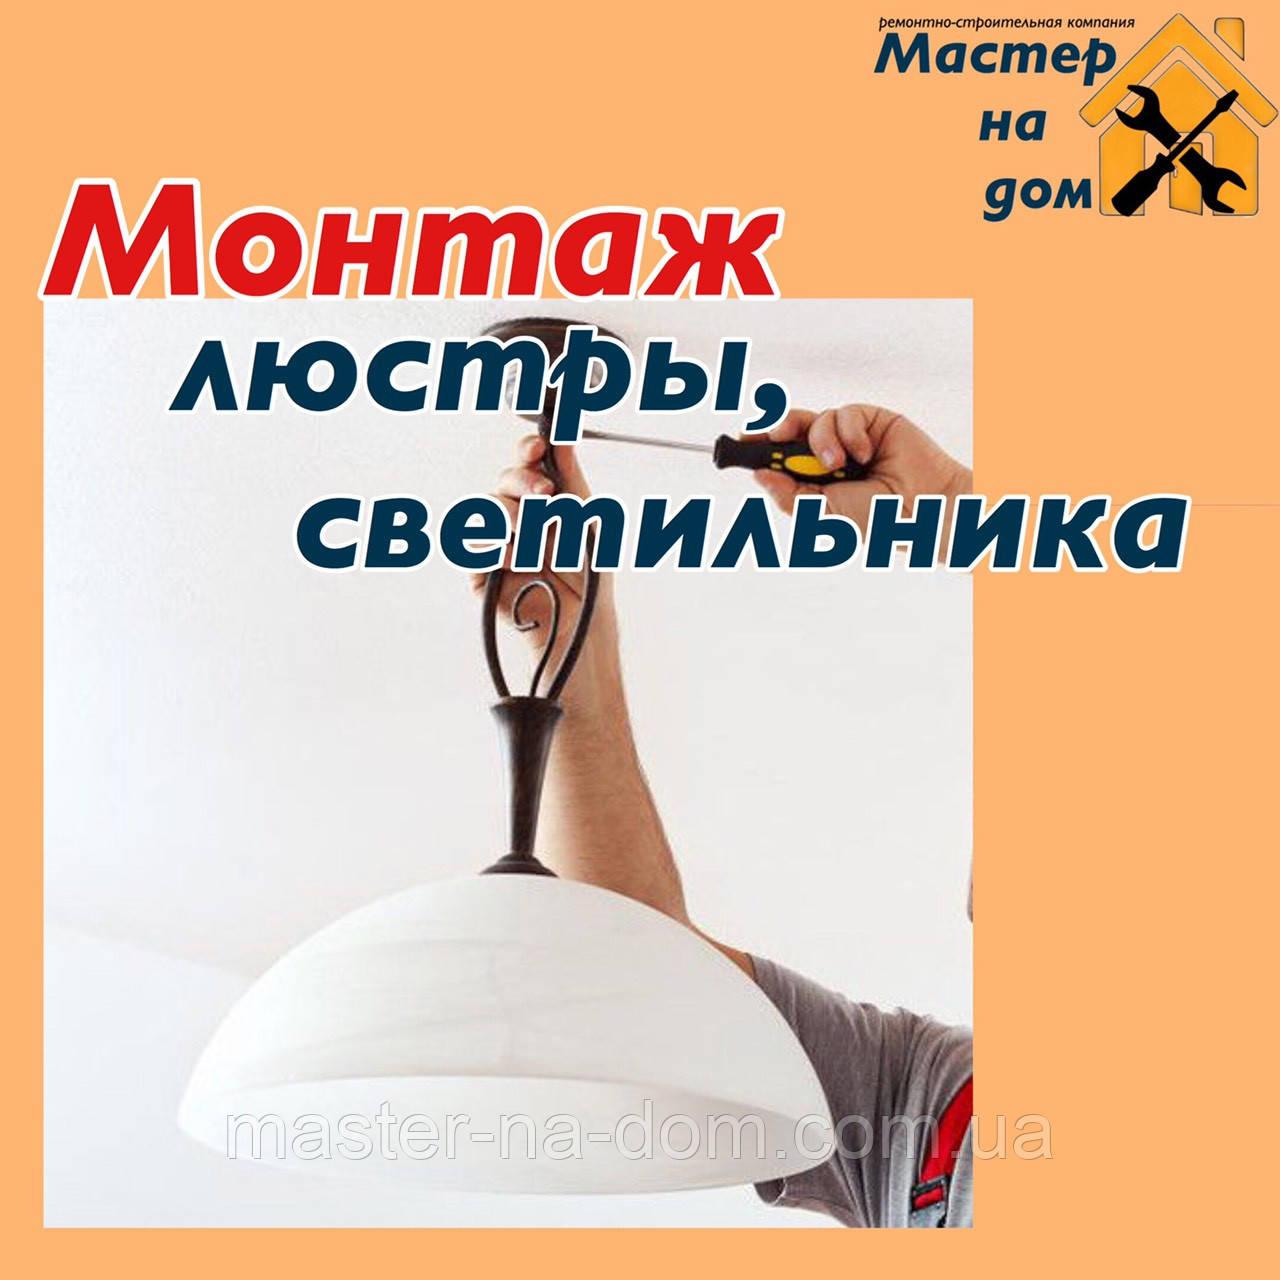 Монтаж люстры, бра, светильника во Львове